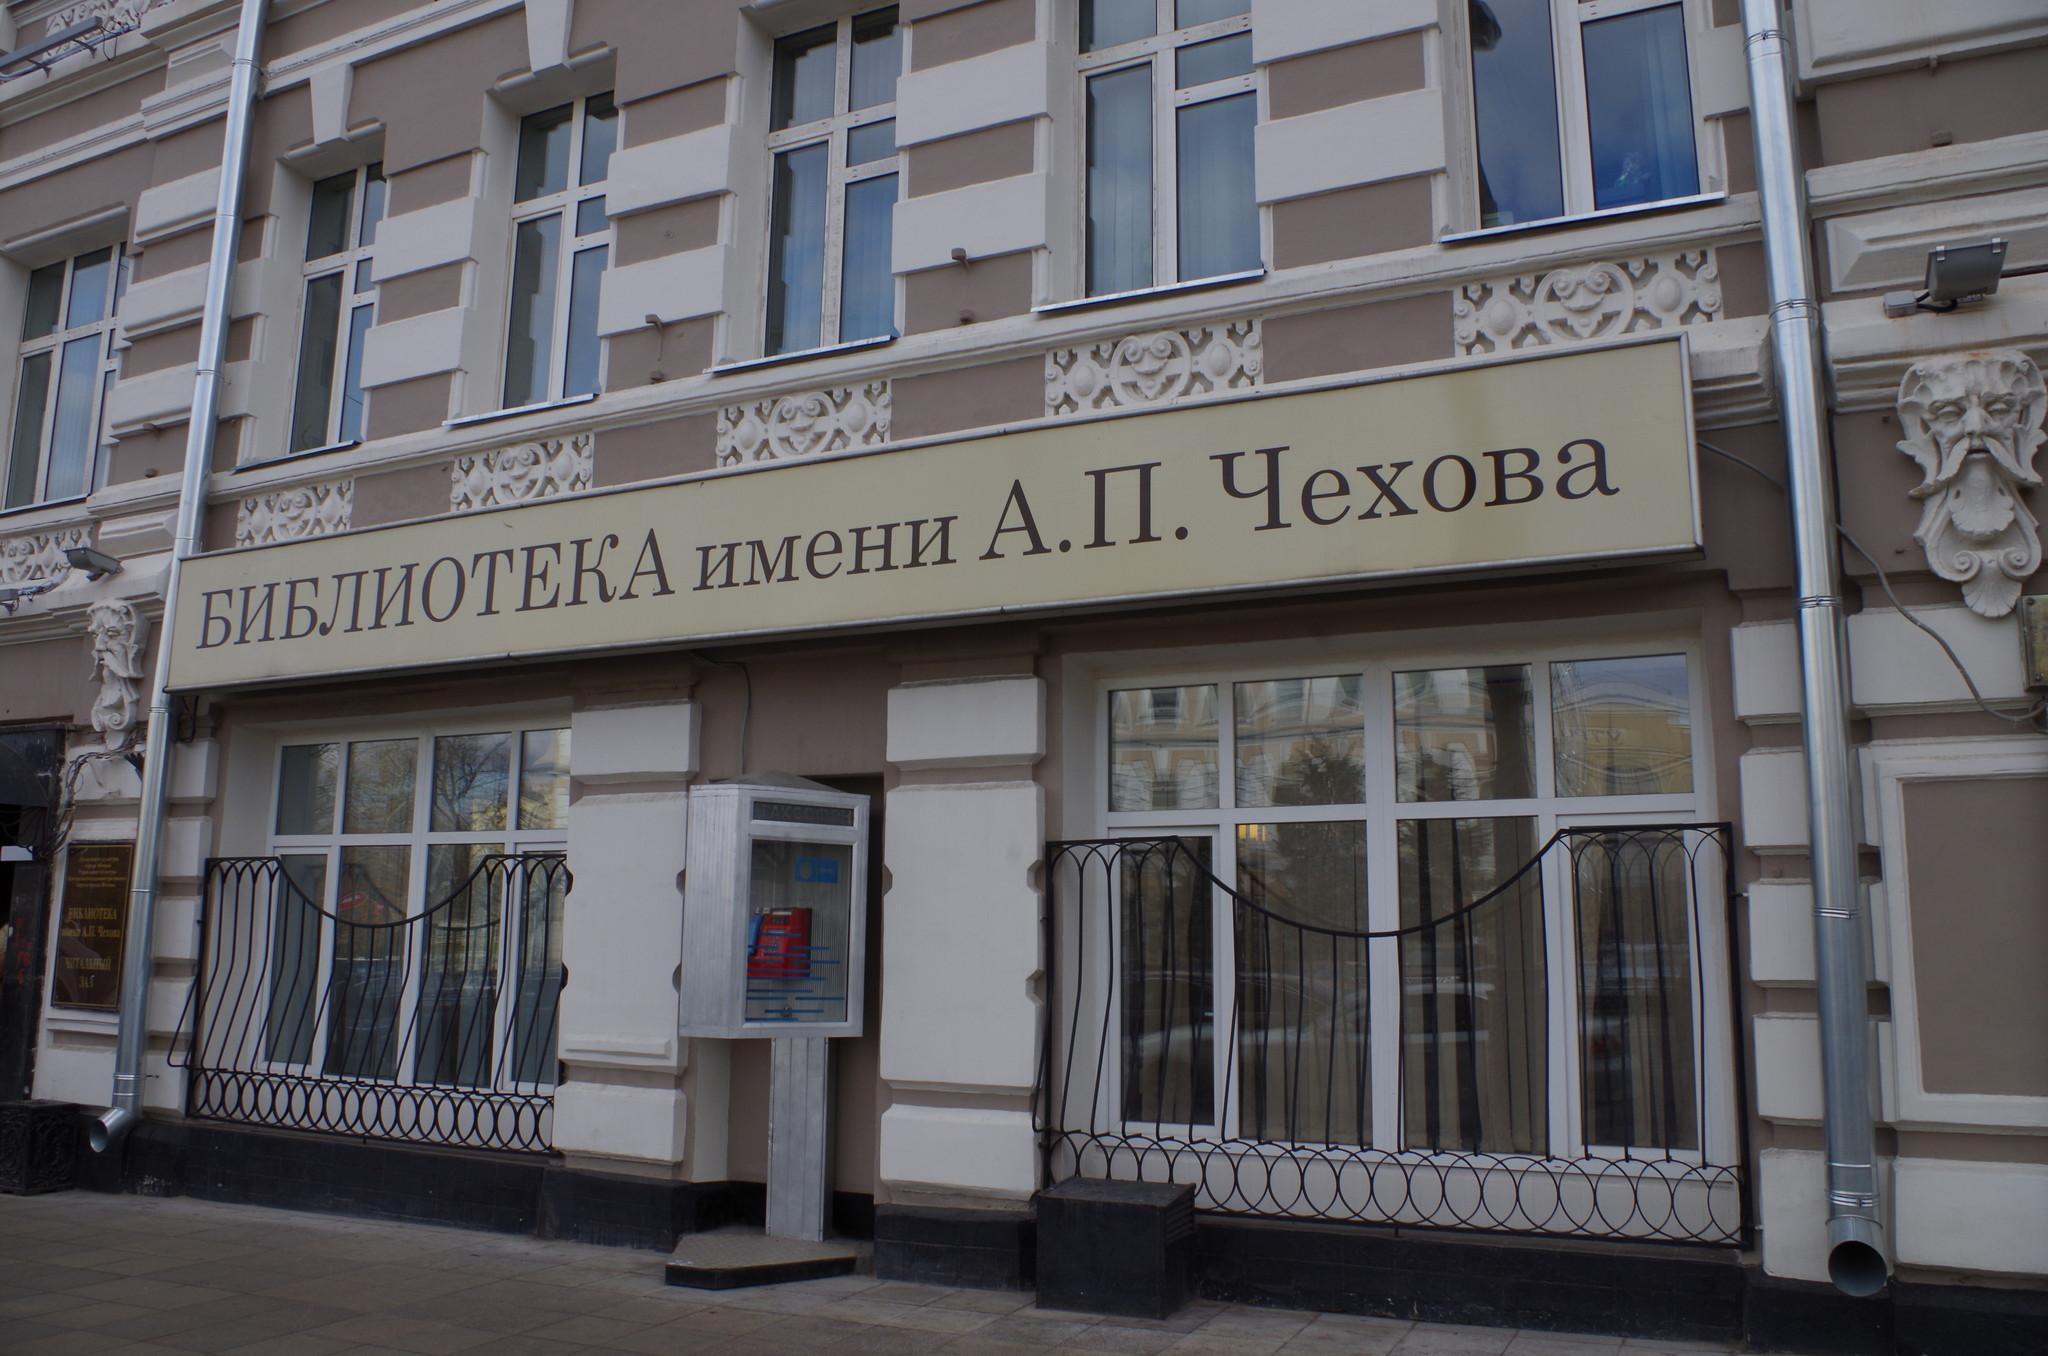 Библиотека имени А.П. Чехова (Страстной бульвар, дом 8)